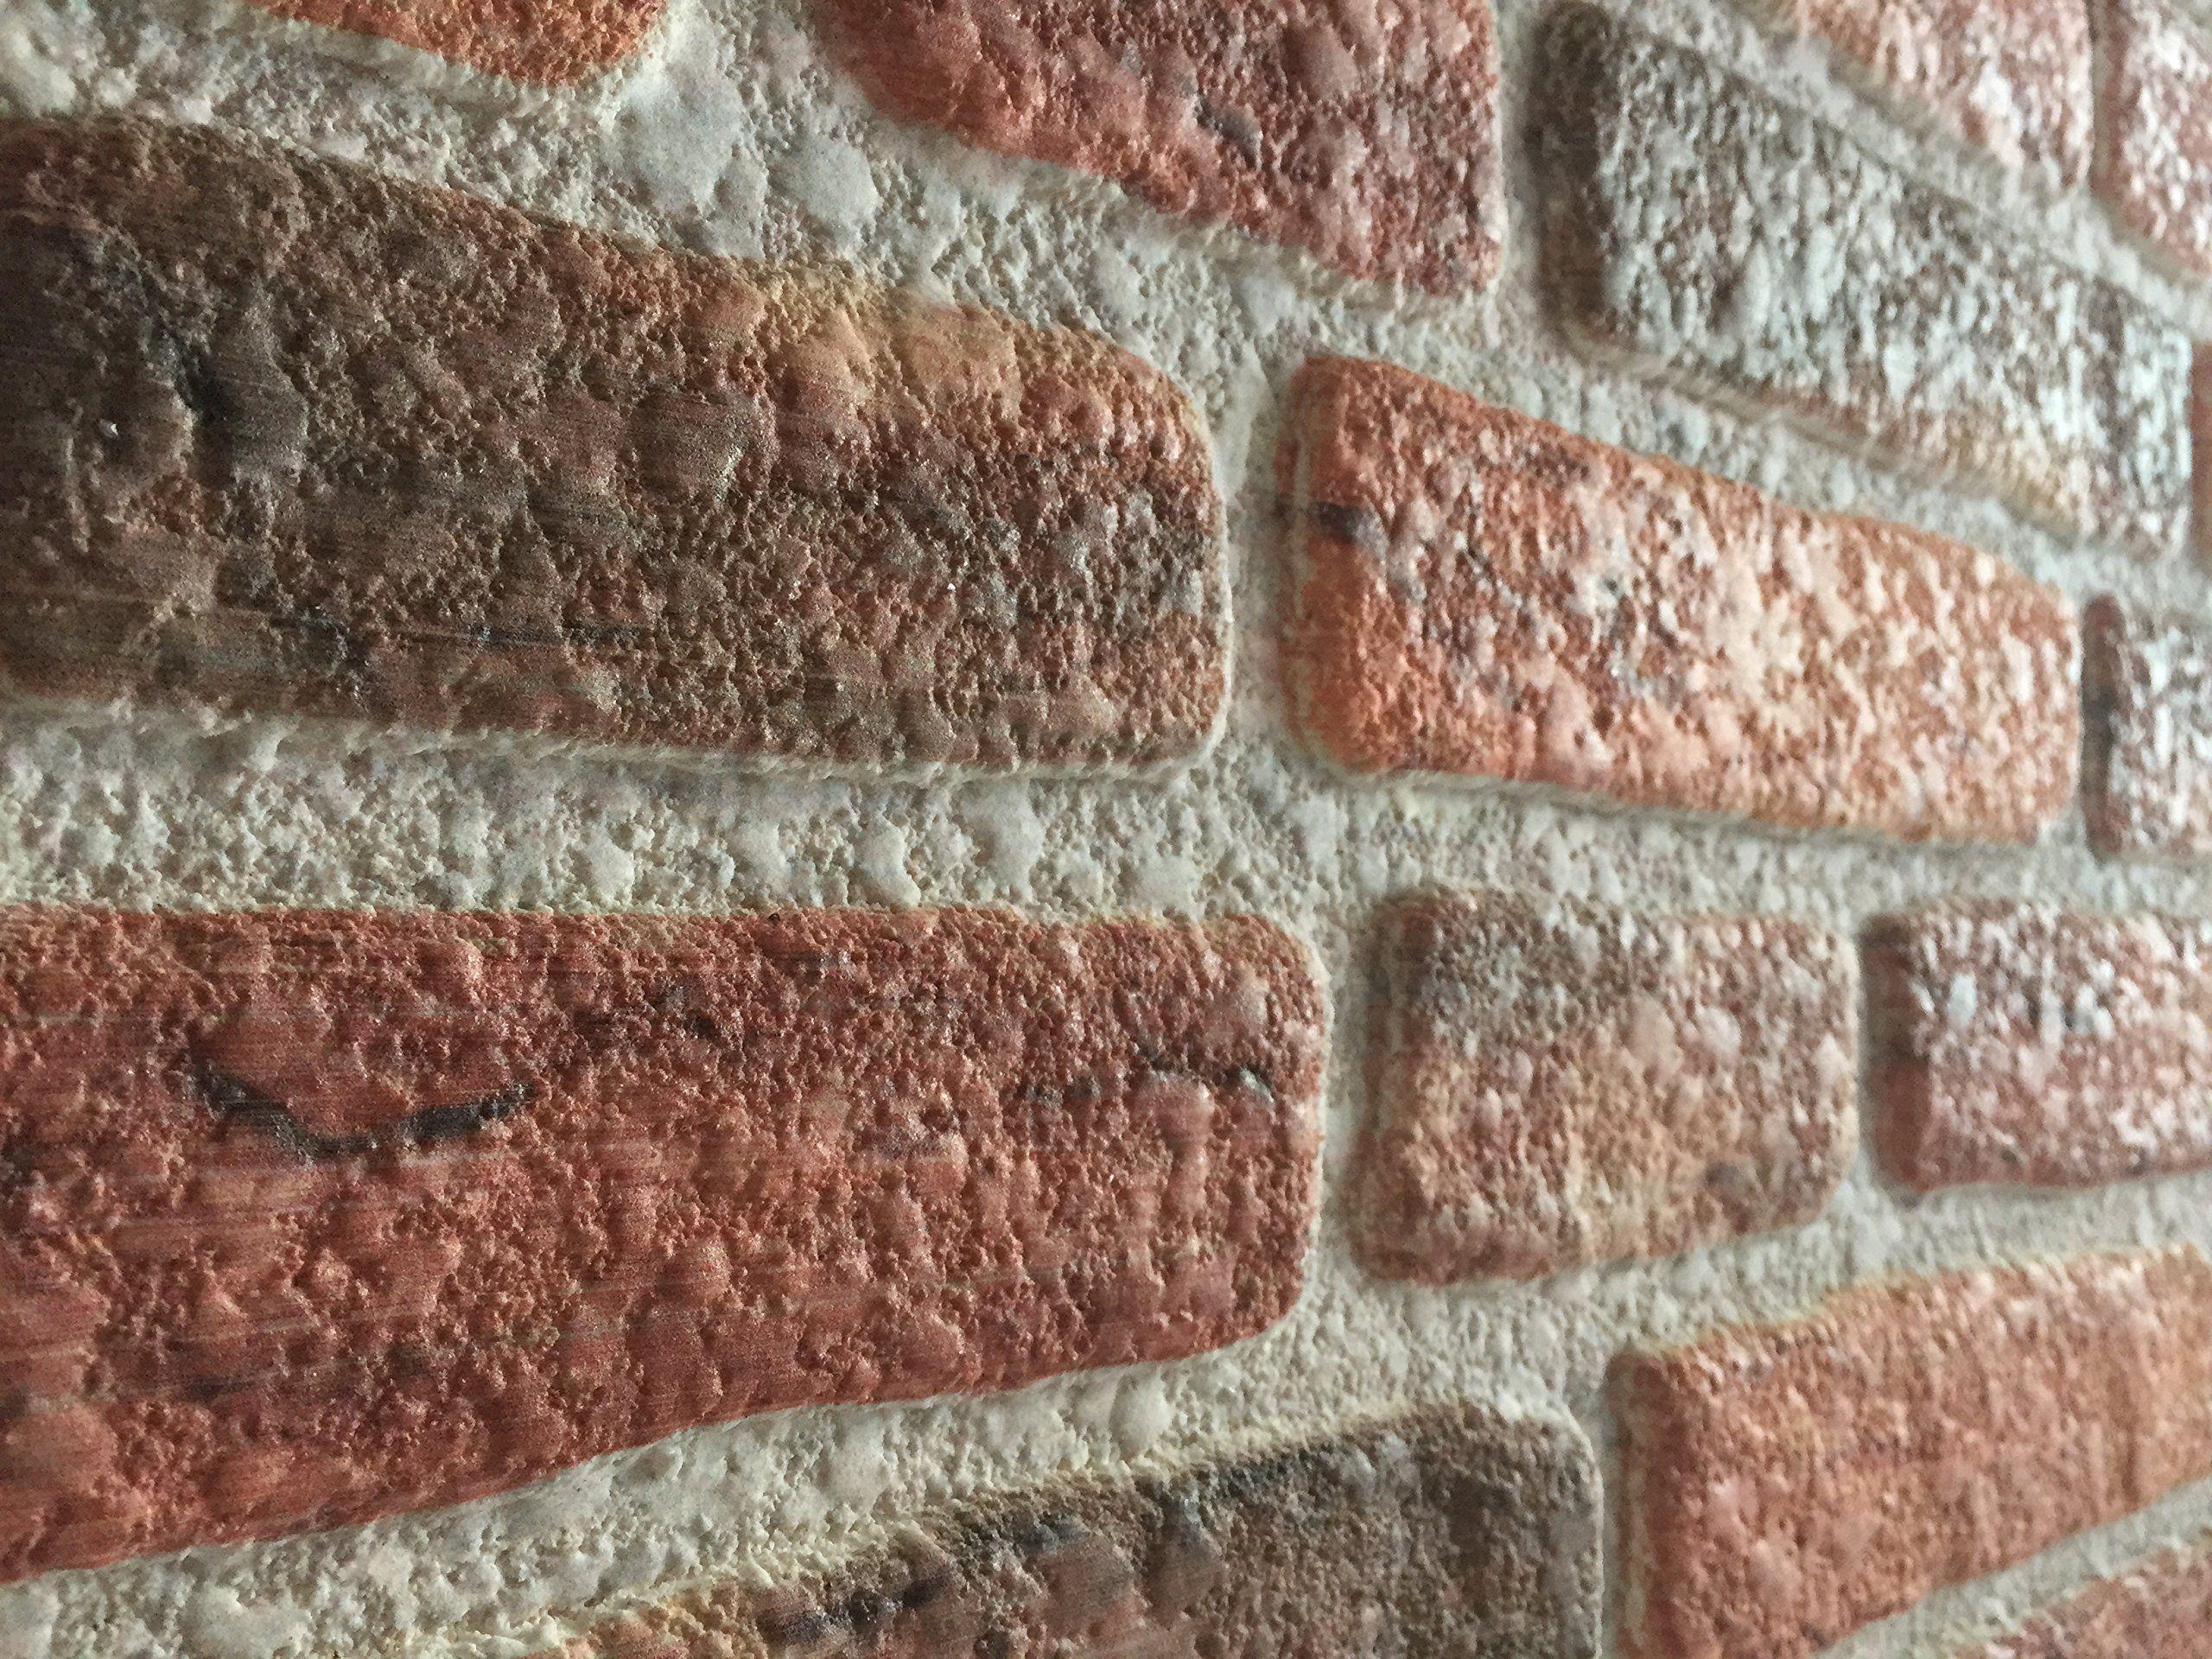 Wandverkleidung In Steinoptik Aus Styropor Fur Kuche Terrasse Schlafzimmer Wohnzimmer Wandpaneele In 2020 Wandpaneele Wandverkleidung Wandgestaltung Steinoptik